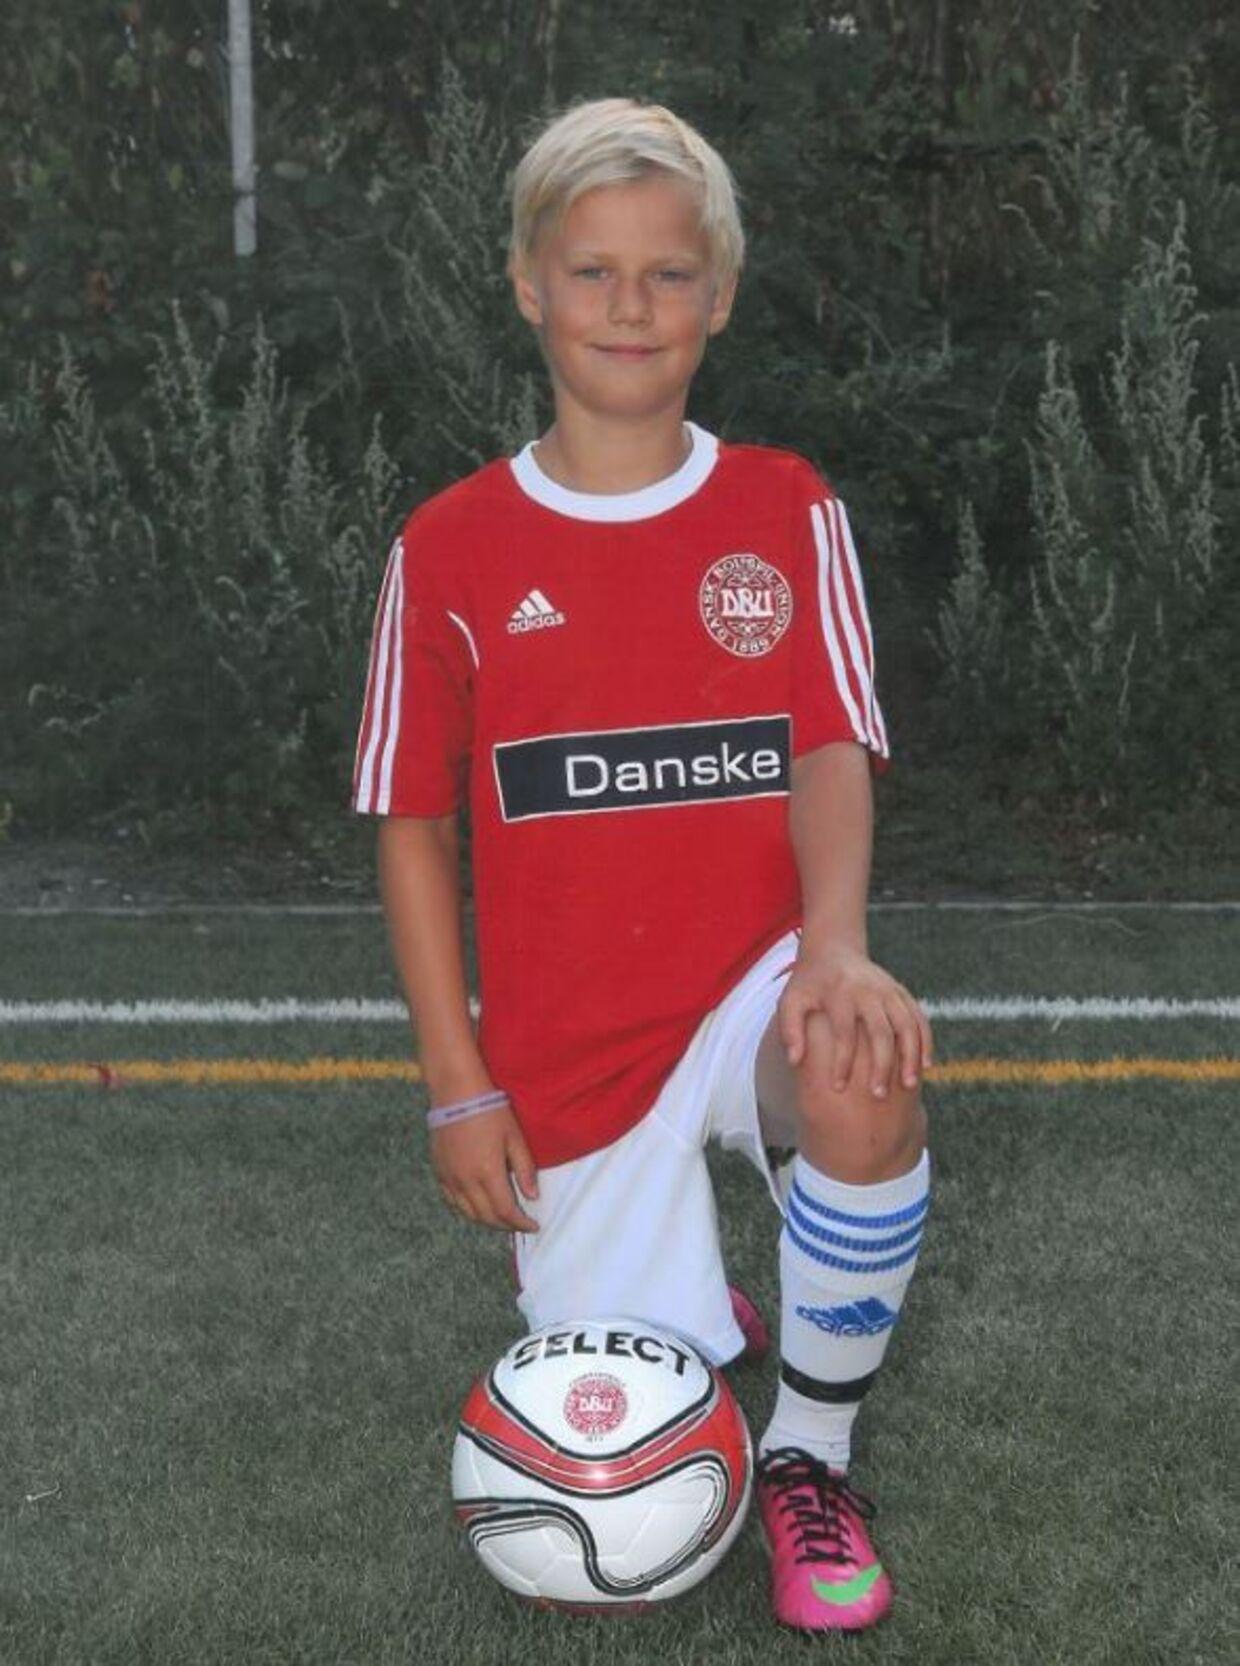 Marcus var en glad og aktiv dreng, der blandt andet elskede at spille fodbold. Privatfoto.